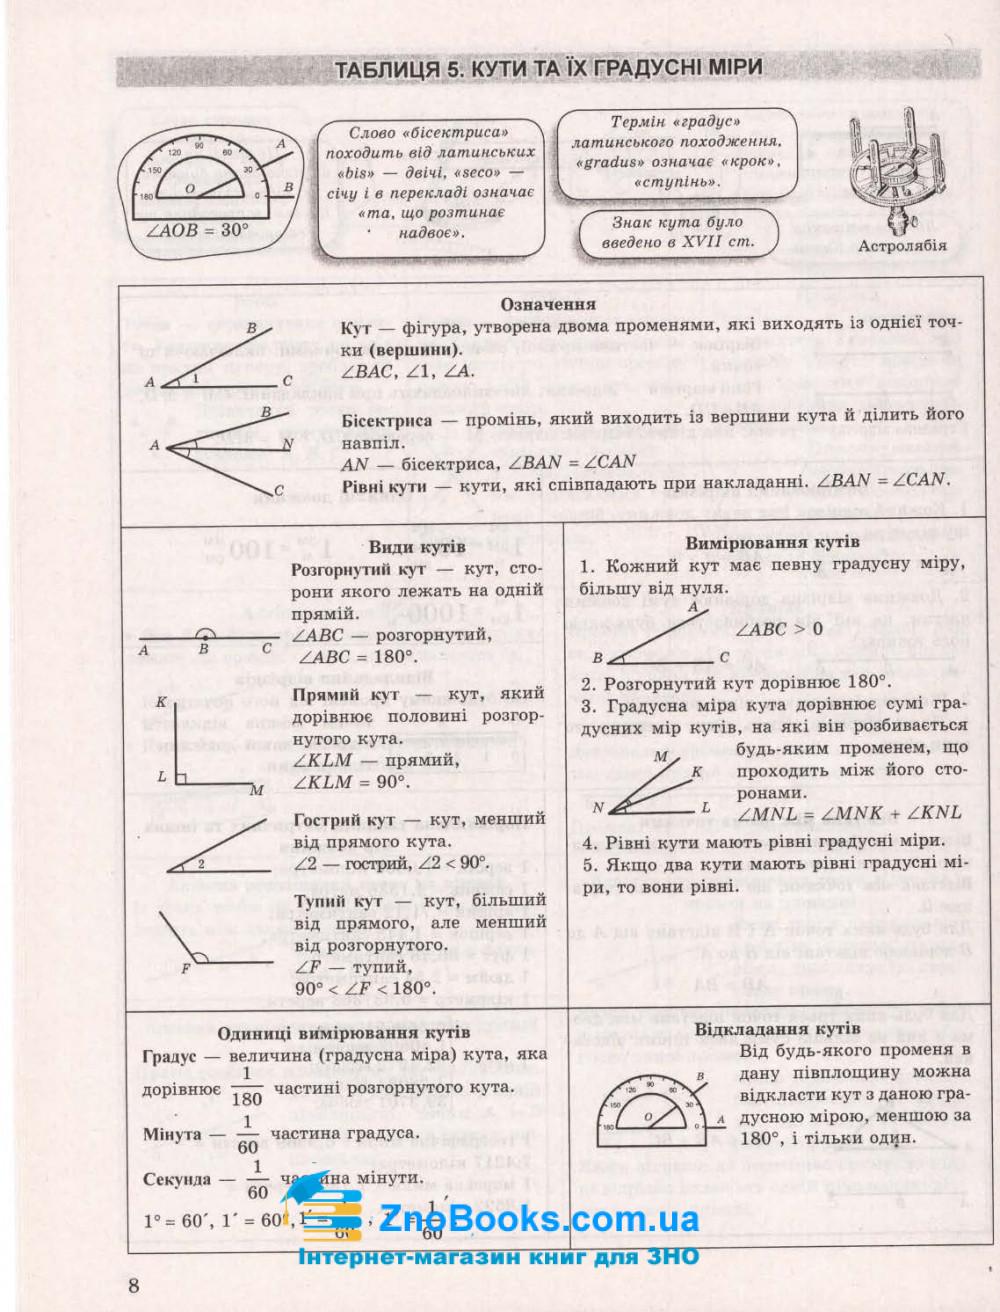 Геометрія. Таблиці та схеми : Роганін О. Торсінг. купити 9